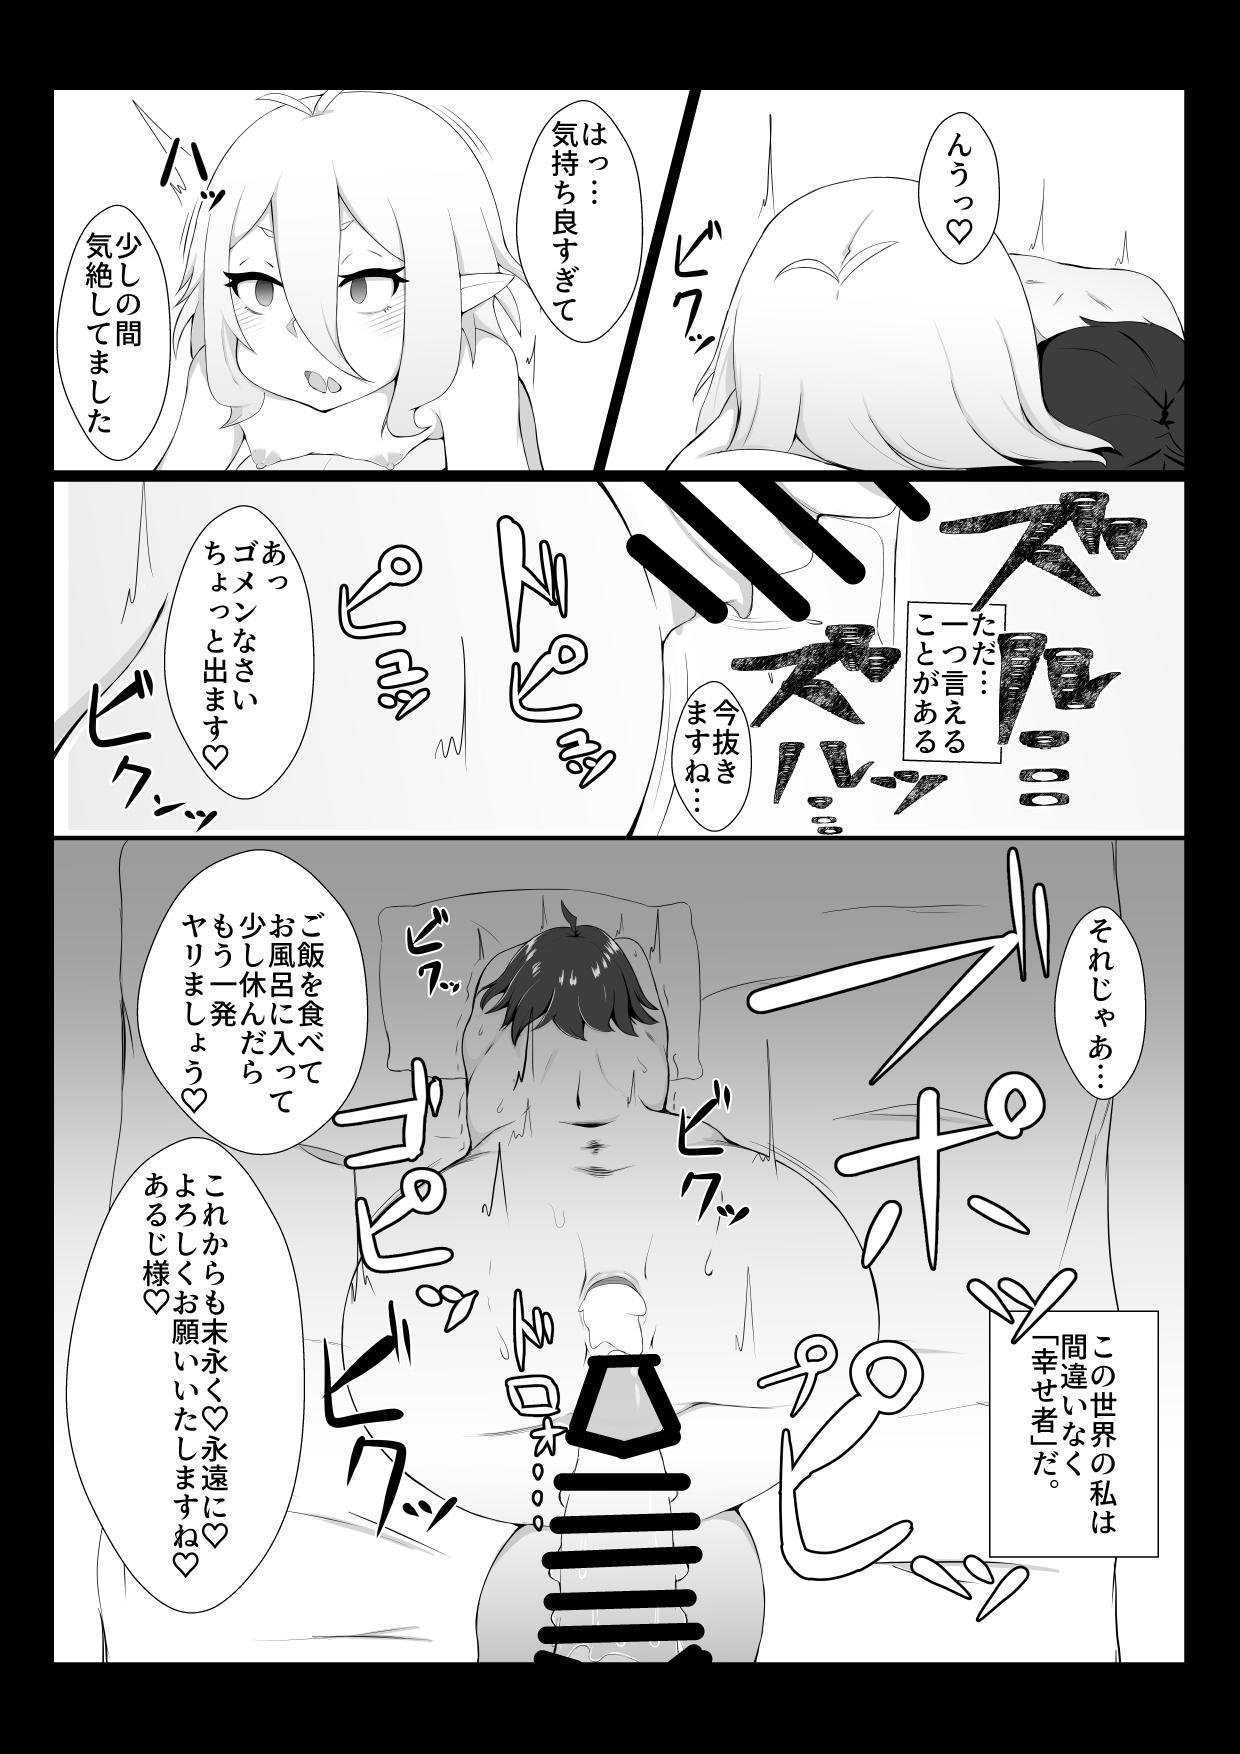 Kokkoro ni Kaihatsu sareru Hon 20